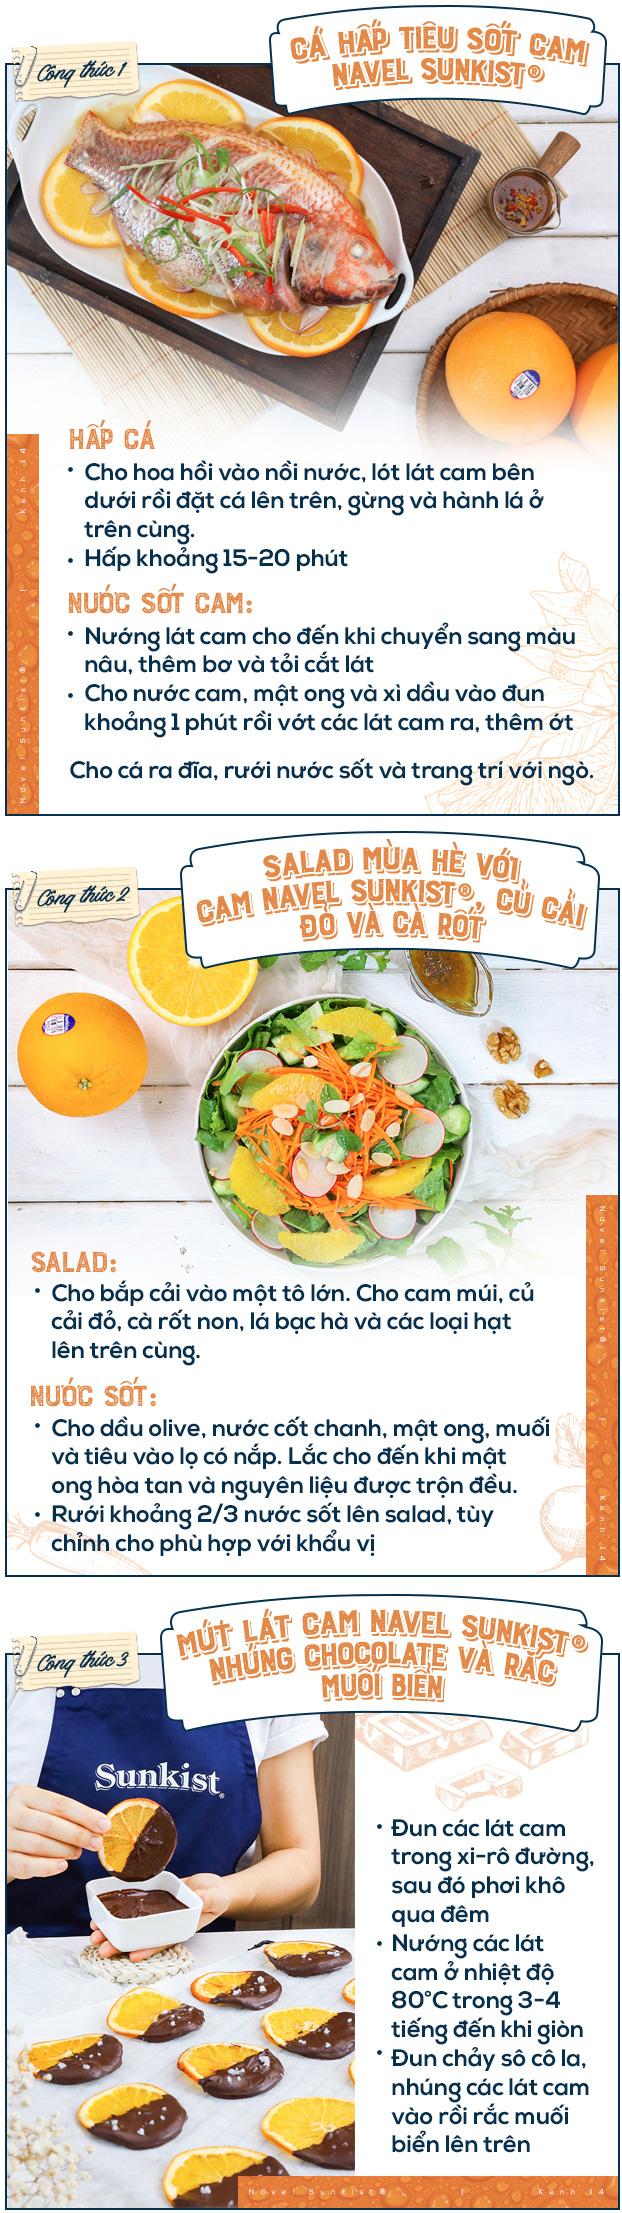 2021: Lối ăn uống lành mạnh sẽ tiếp tục chinh phục cả thế giới, nên sẽ là thiếu sót nếu chưa biết hết về trái cây bổ dưỡng mà thân quen này! - ảnh 9